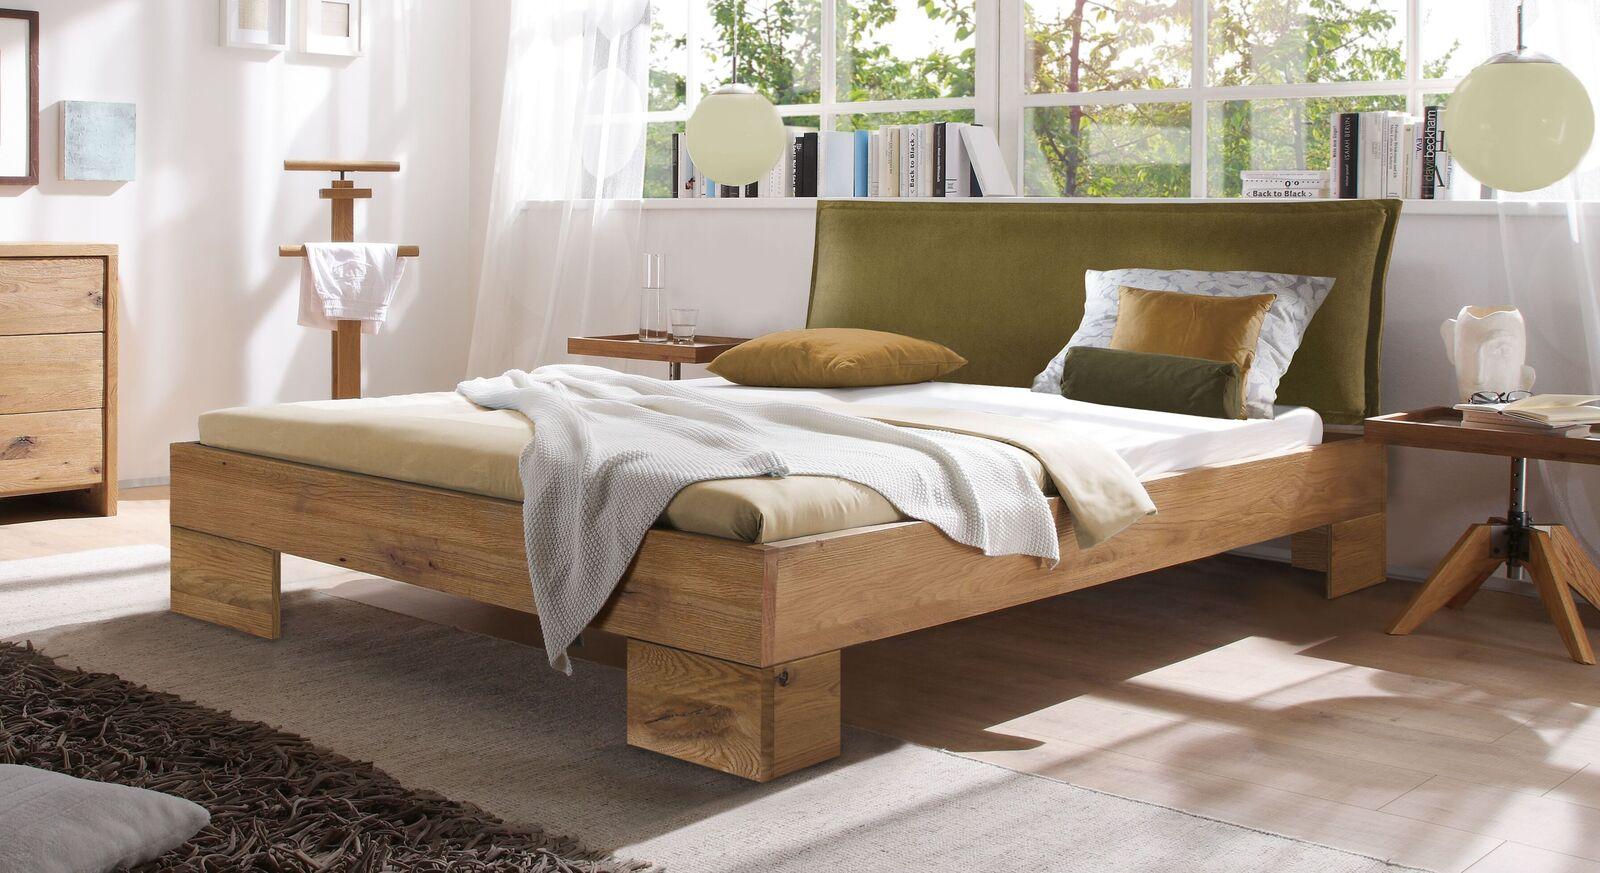 Bett Staffan aus Wildeiche natur